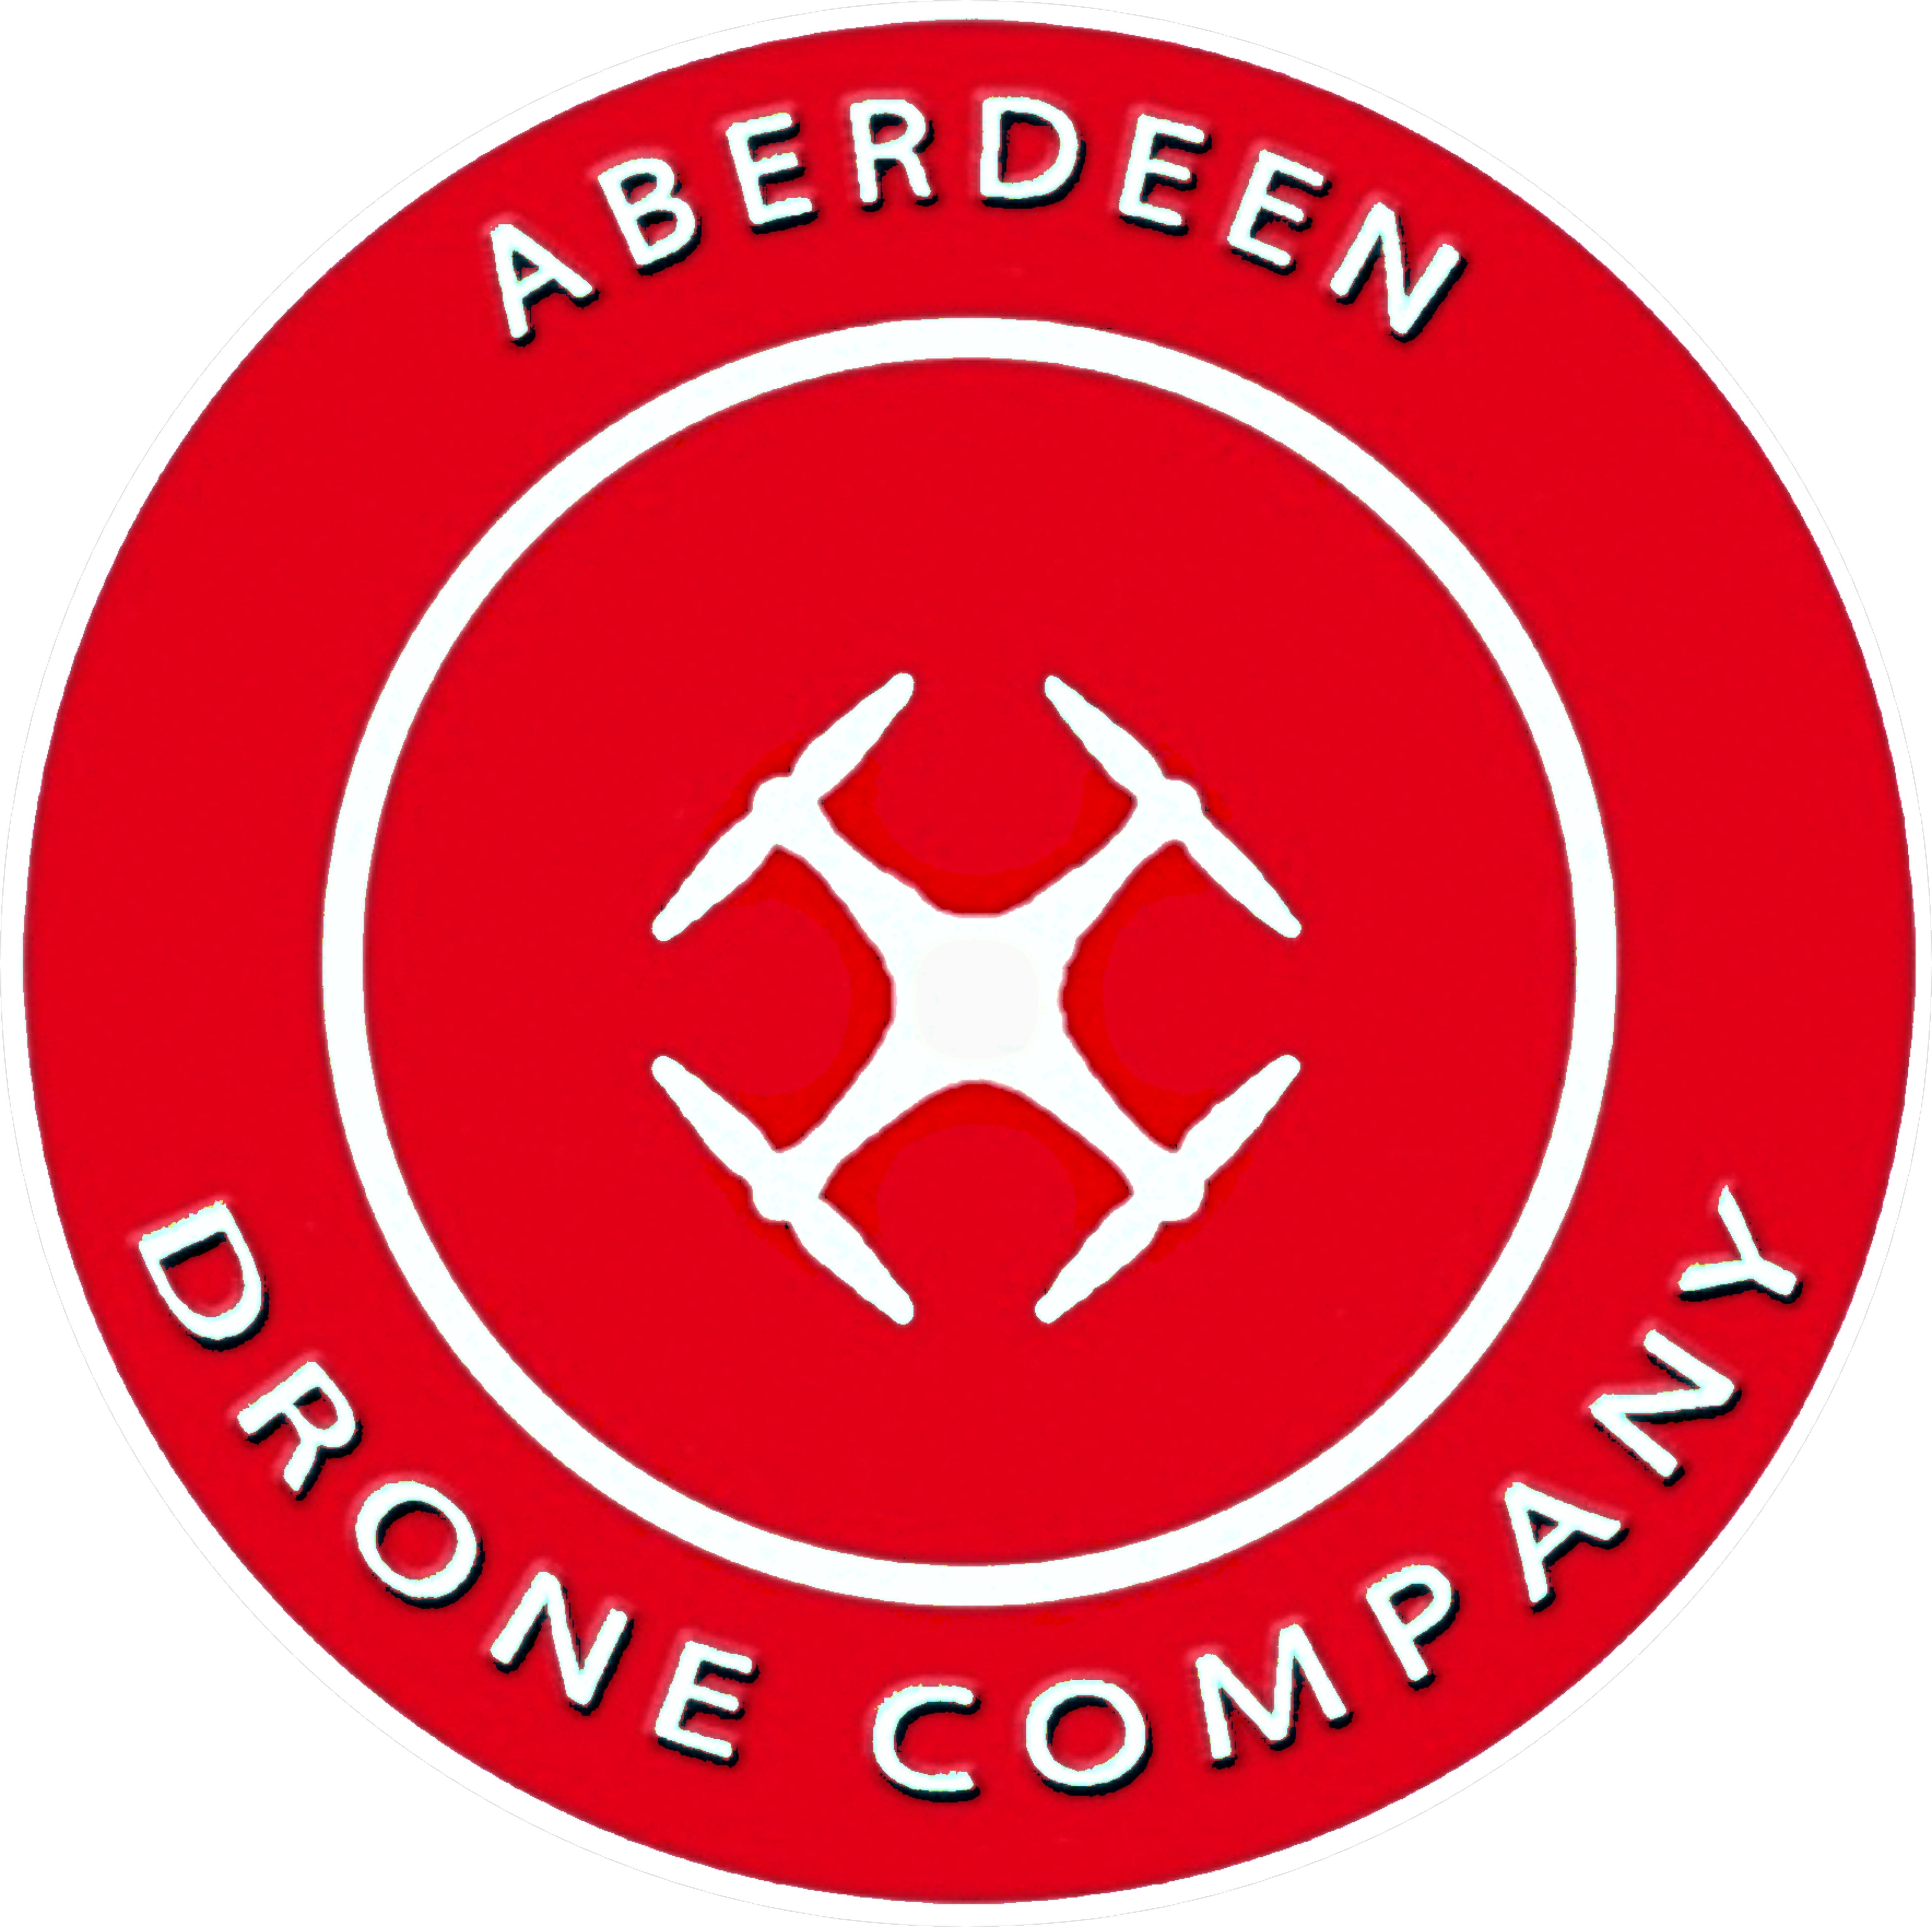 Aberdeen Drone Company